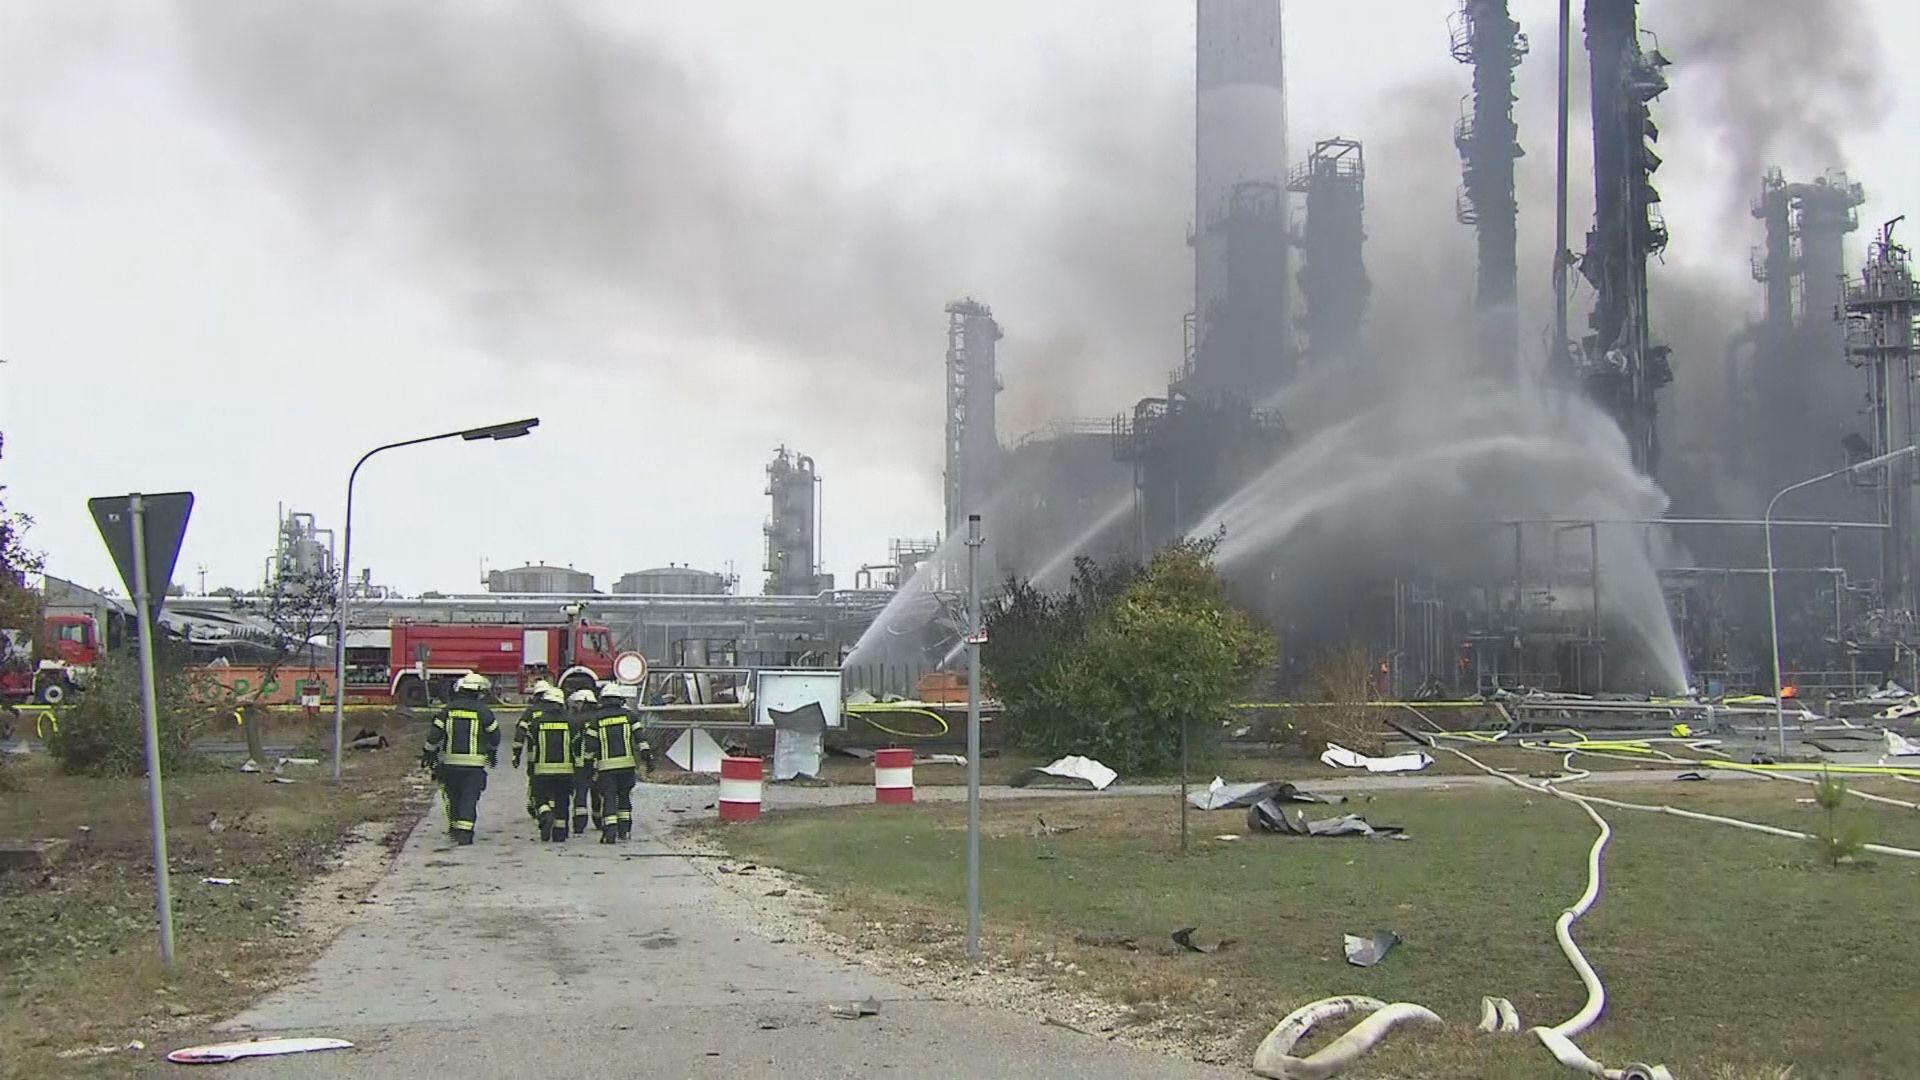 德國有煉油廠爆炸大火 最少八人傷